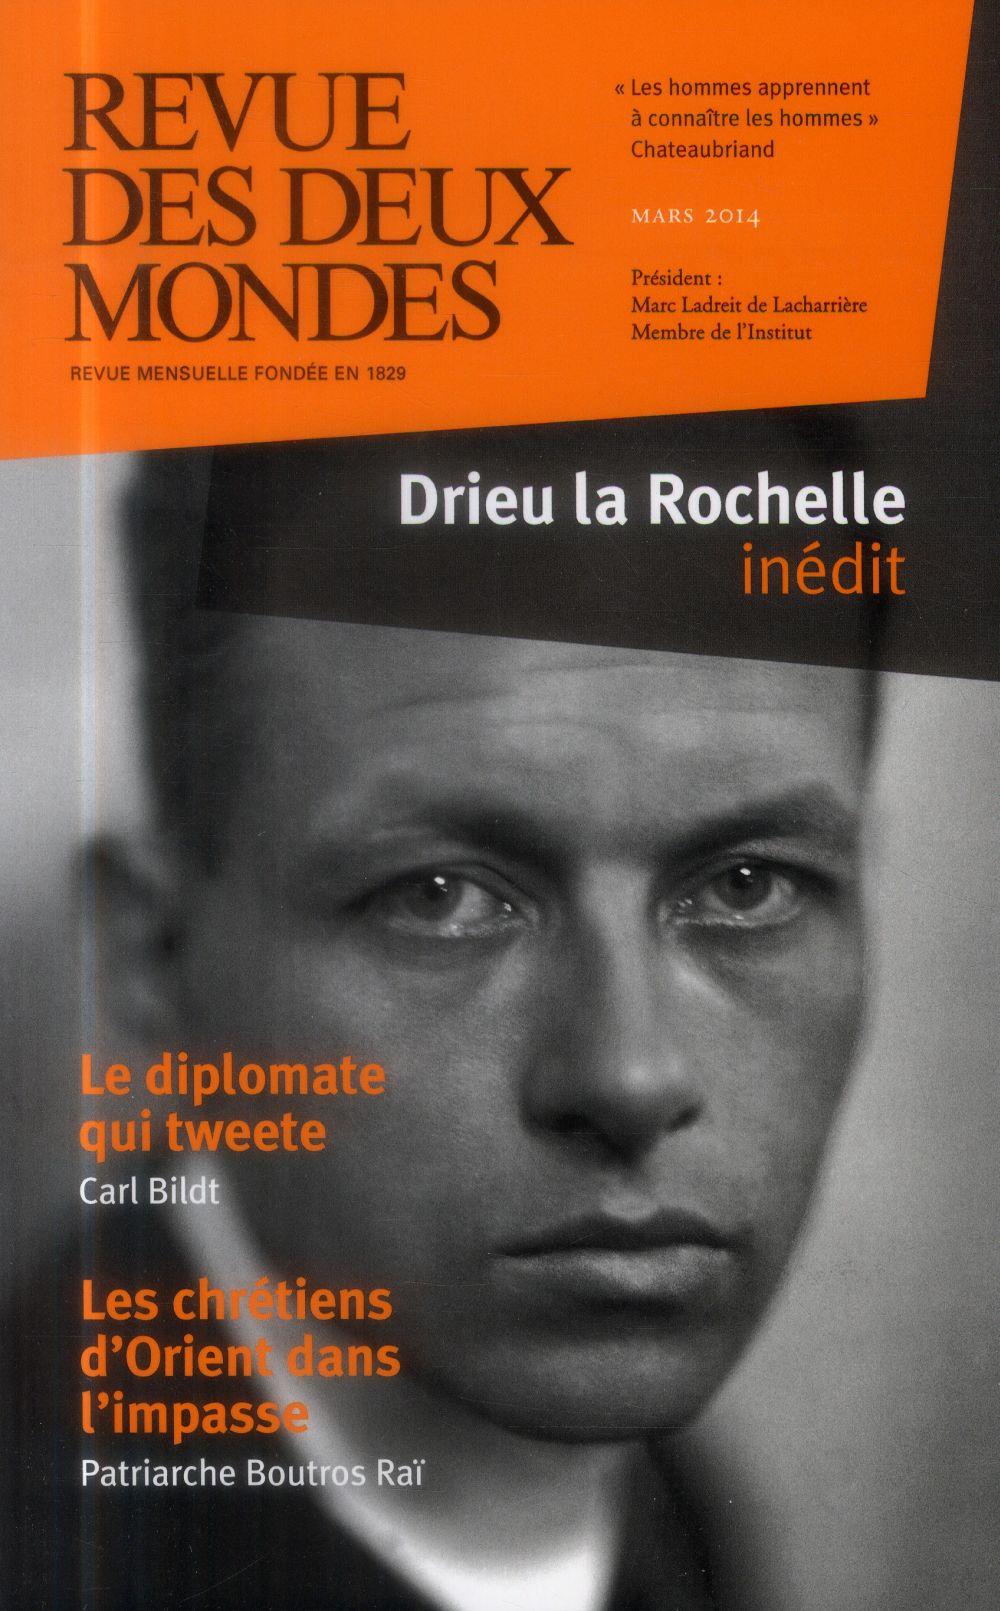 REVUE DES DEUX MONDES ; Drieu la Rochelle